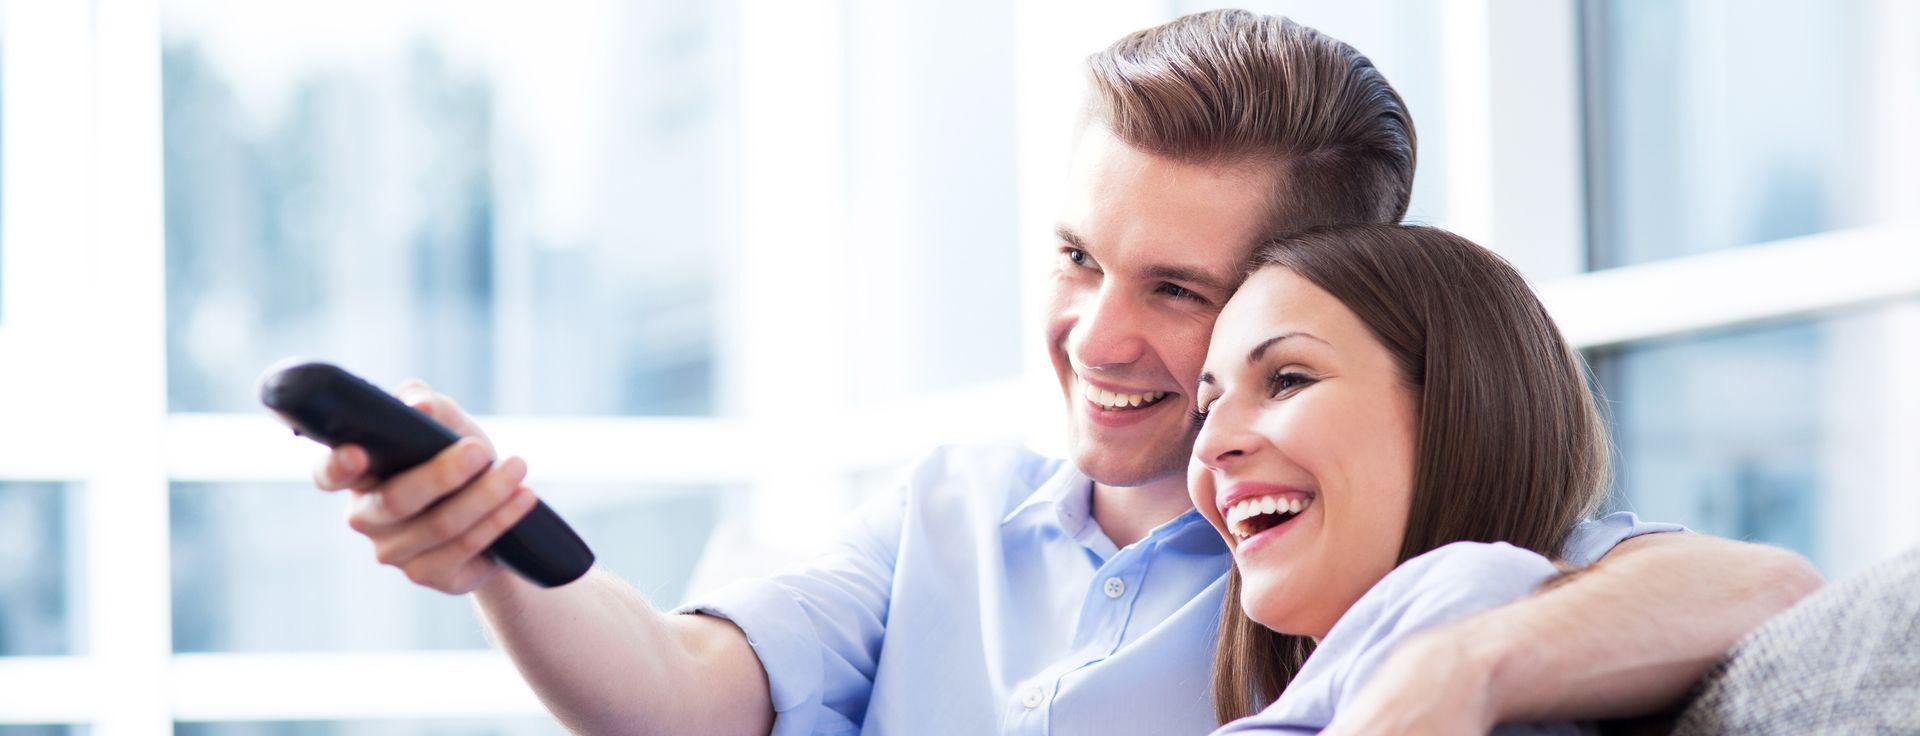 Почему любовь проходит? Причем тут гормоны и как можно повлиять на отношения?